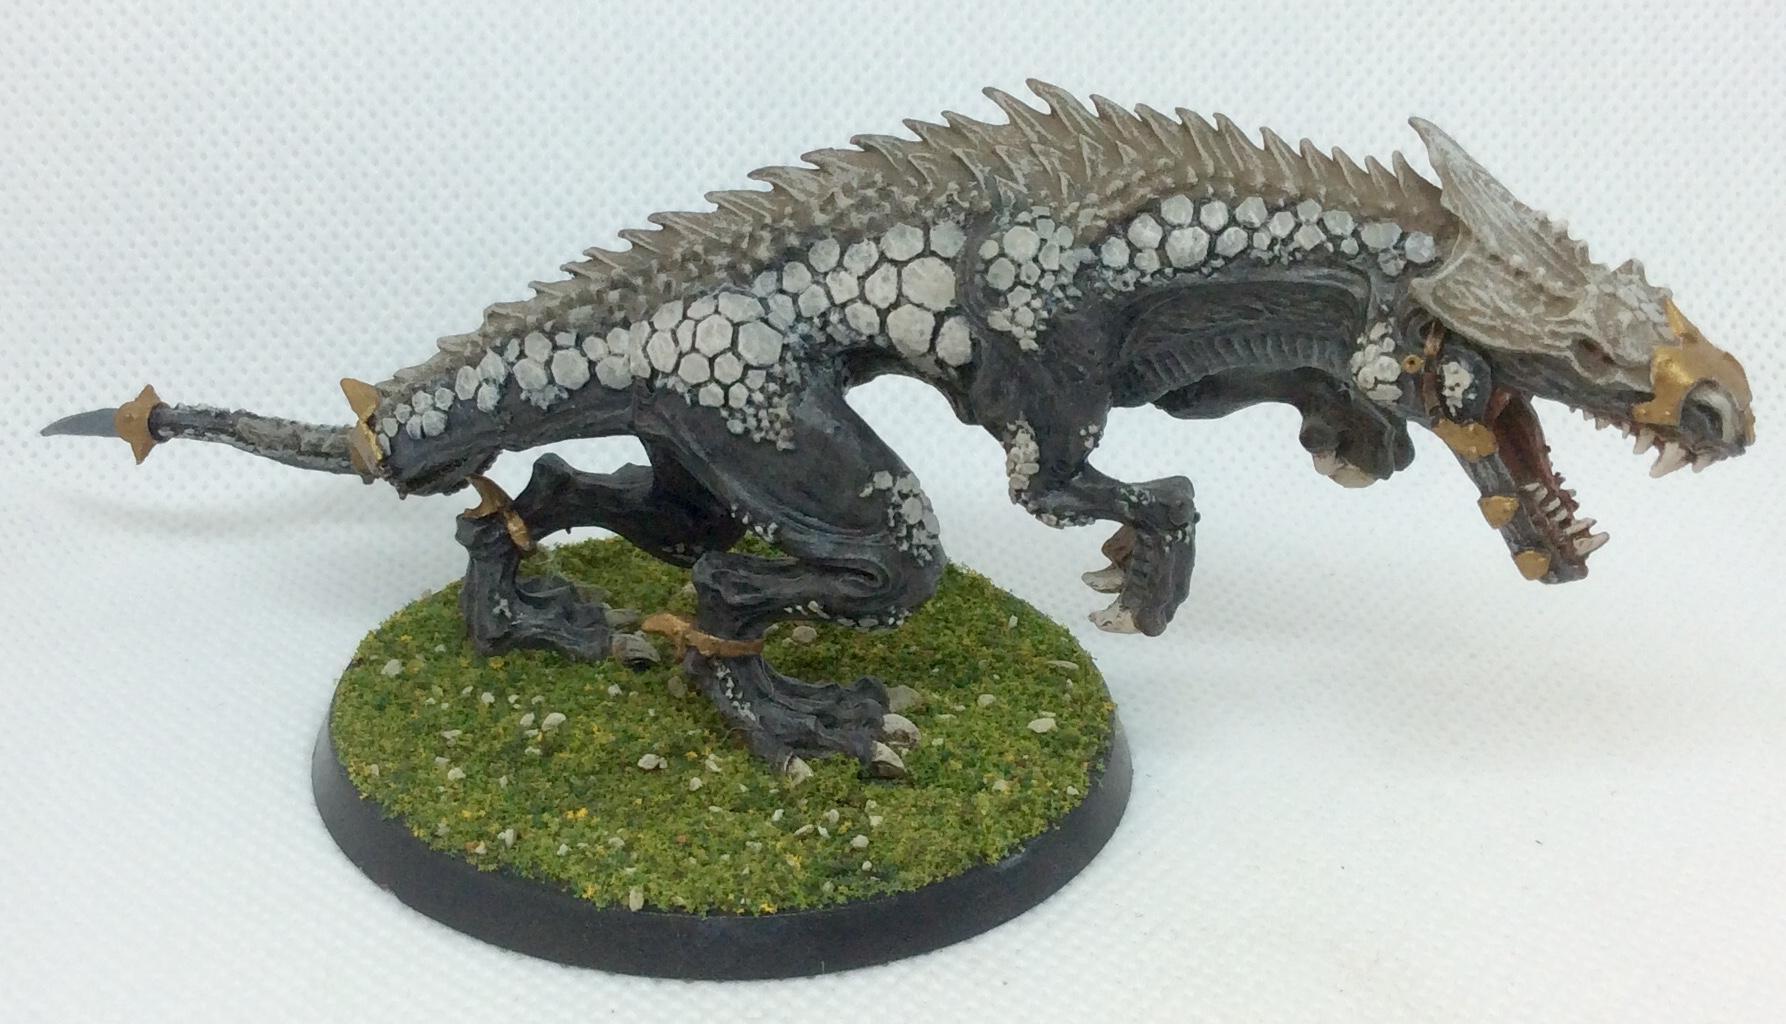 Carnosaur, Dinosaur, Lizardmen, Warhammer Fantasy